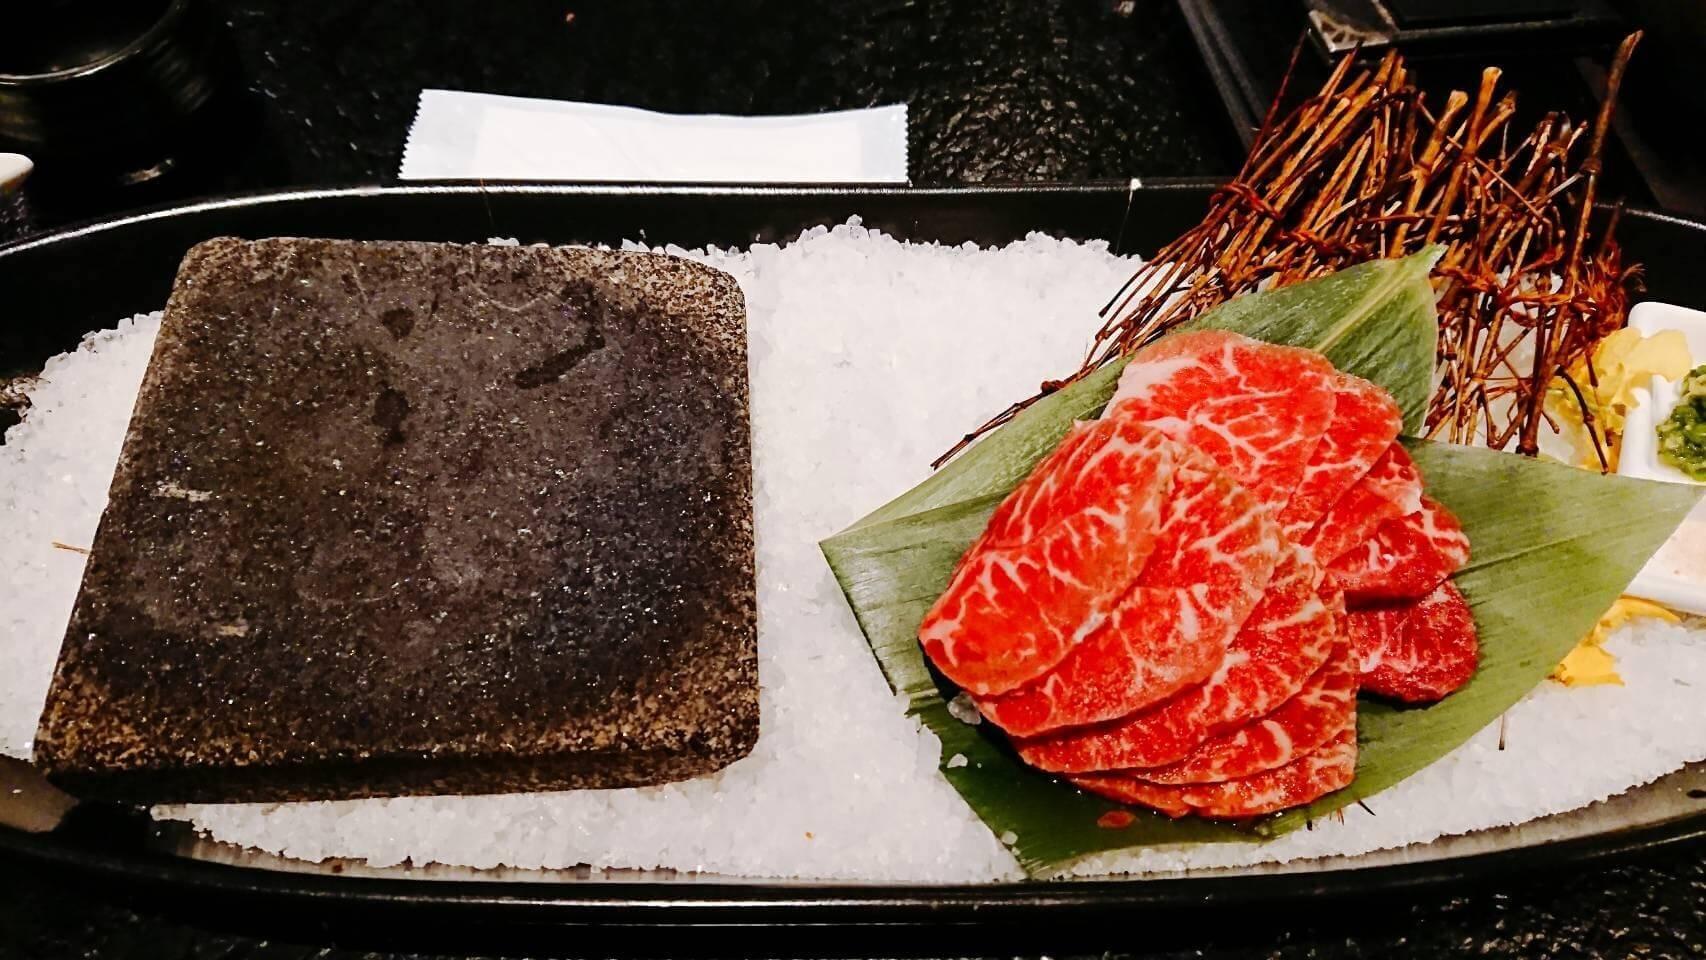 【新北板橋】藝奇–王品旗下的精緻日式料理